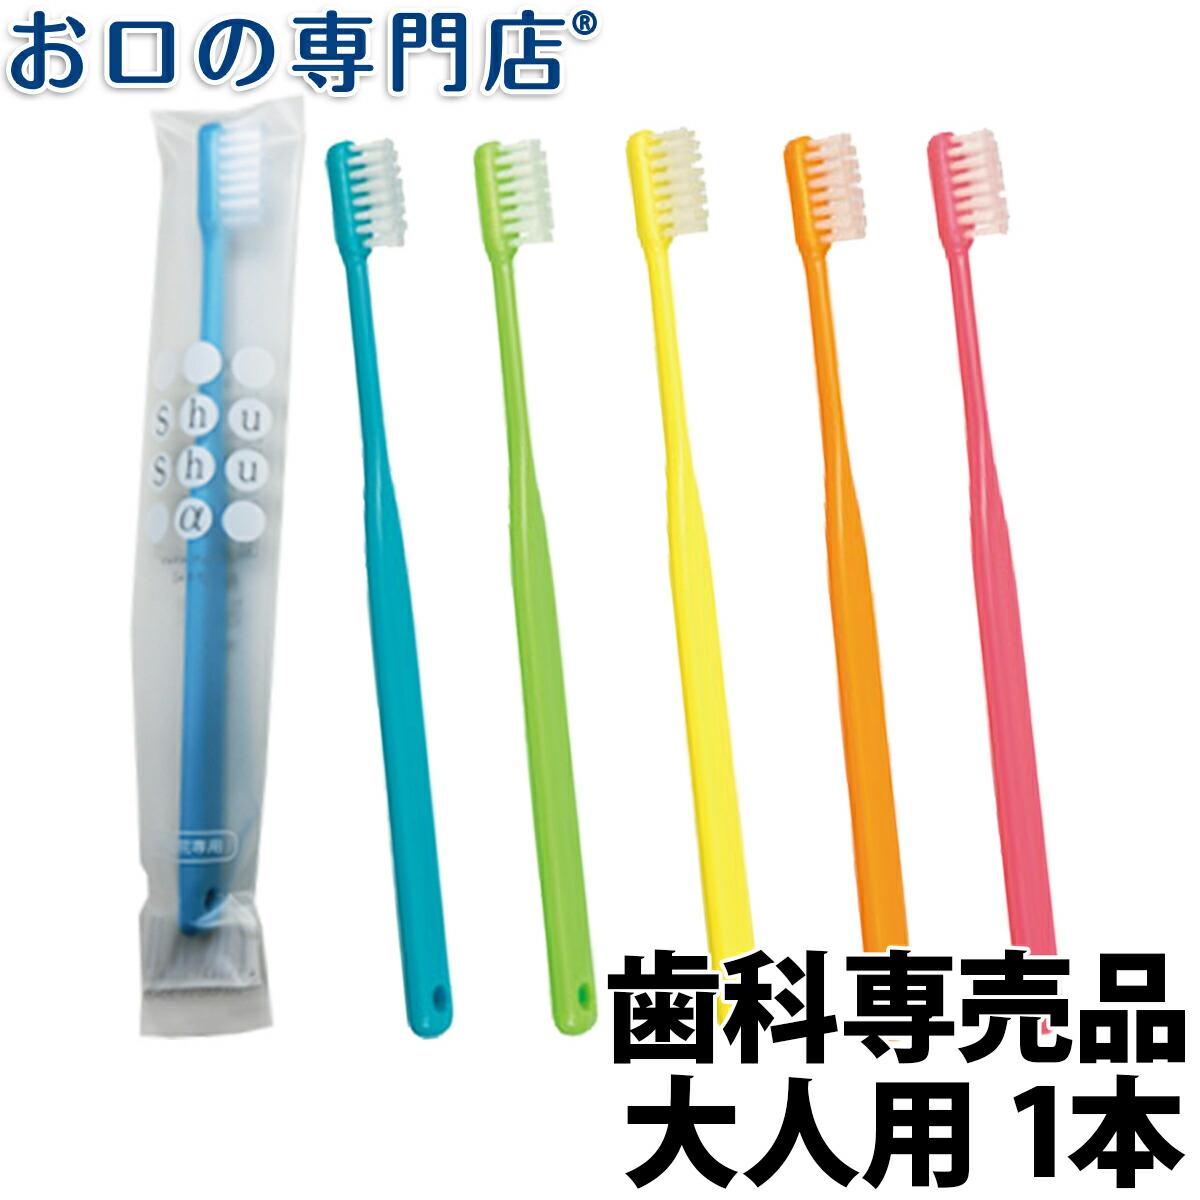 歯科専売品 大人用 歯ブラシ 1本【日本製】Shu Shu α(シュシュアルファ)